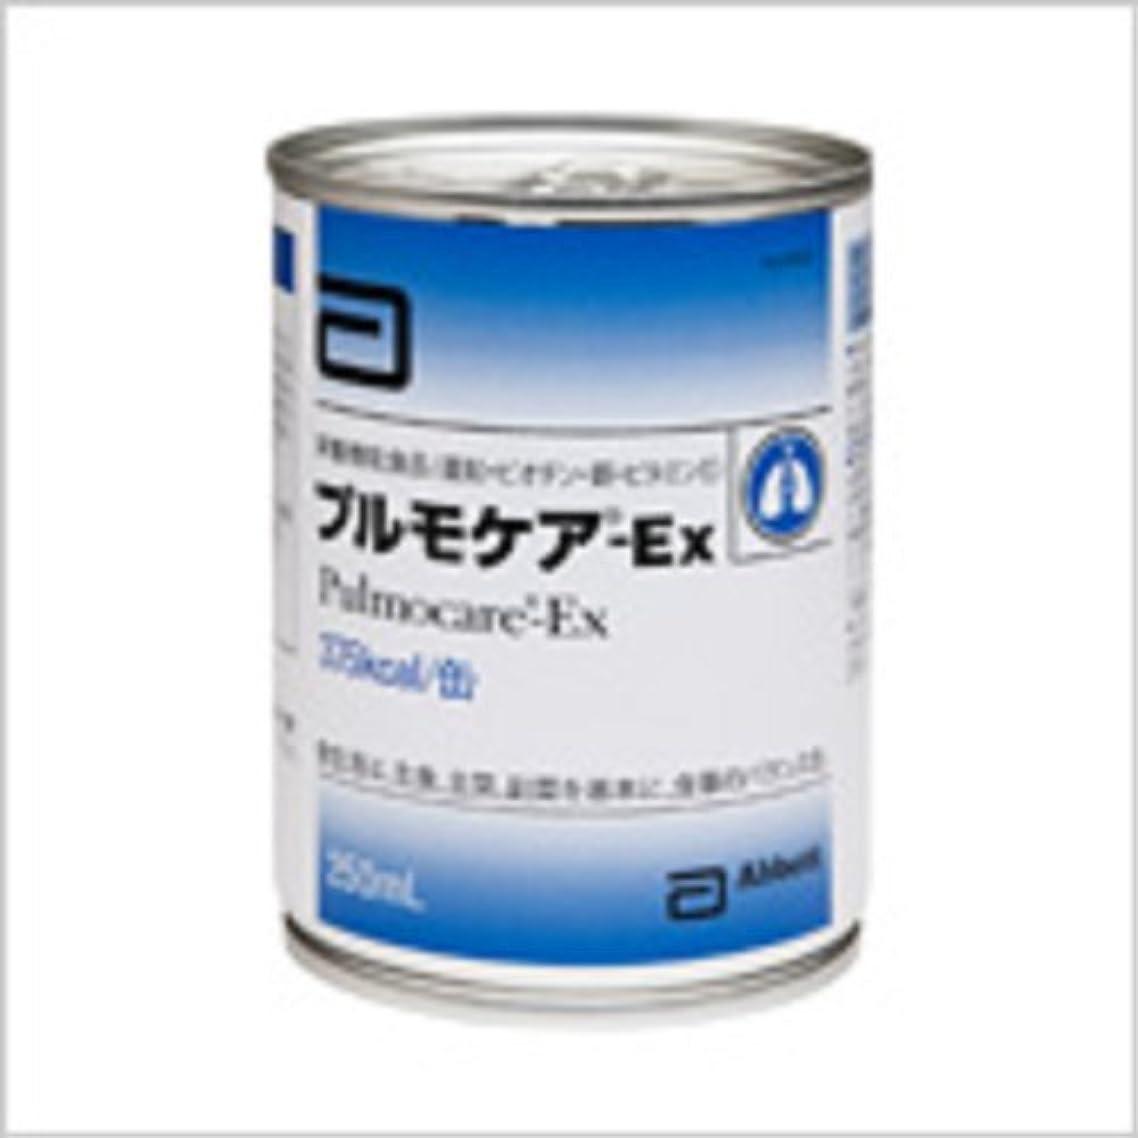 はしご事業内容幽霊プルモケア-EX 250ml×24缶